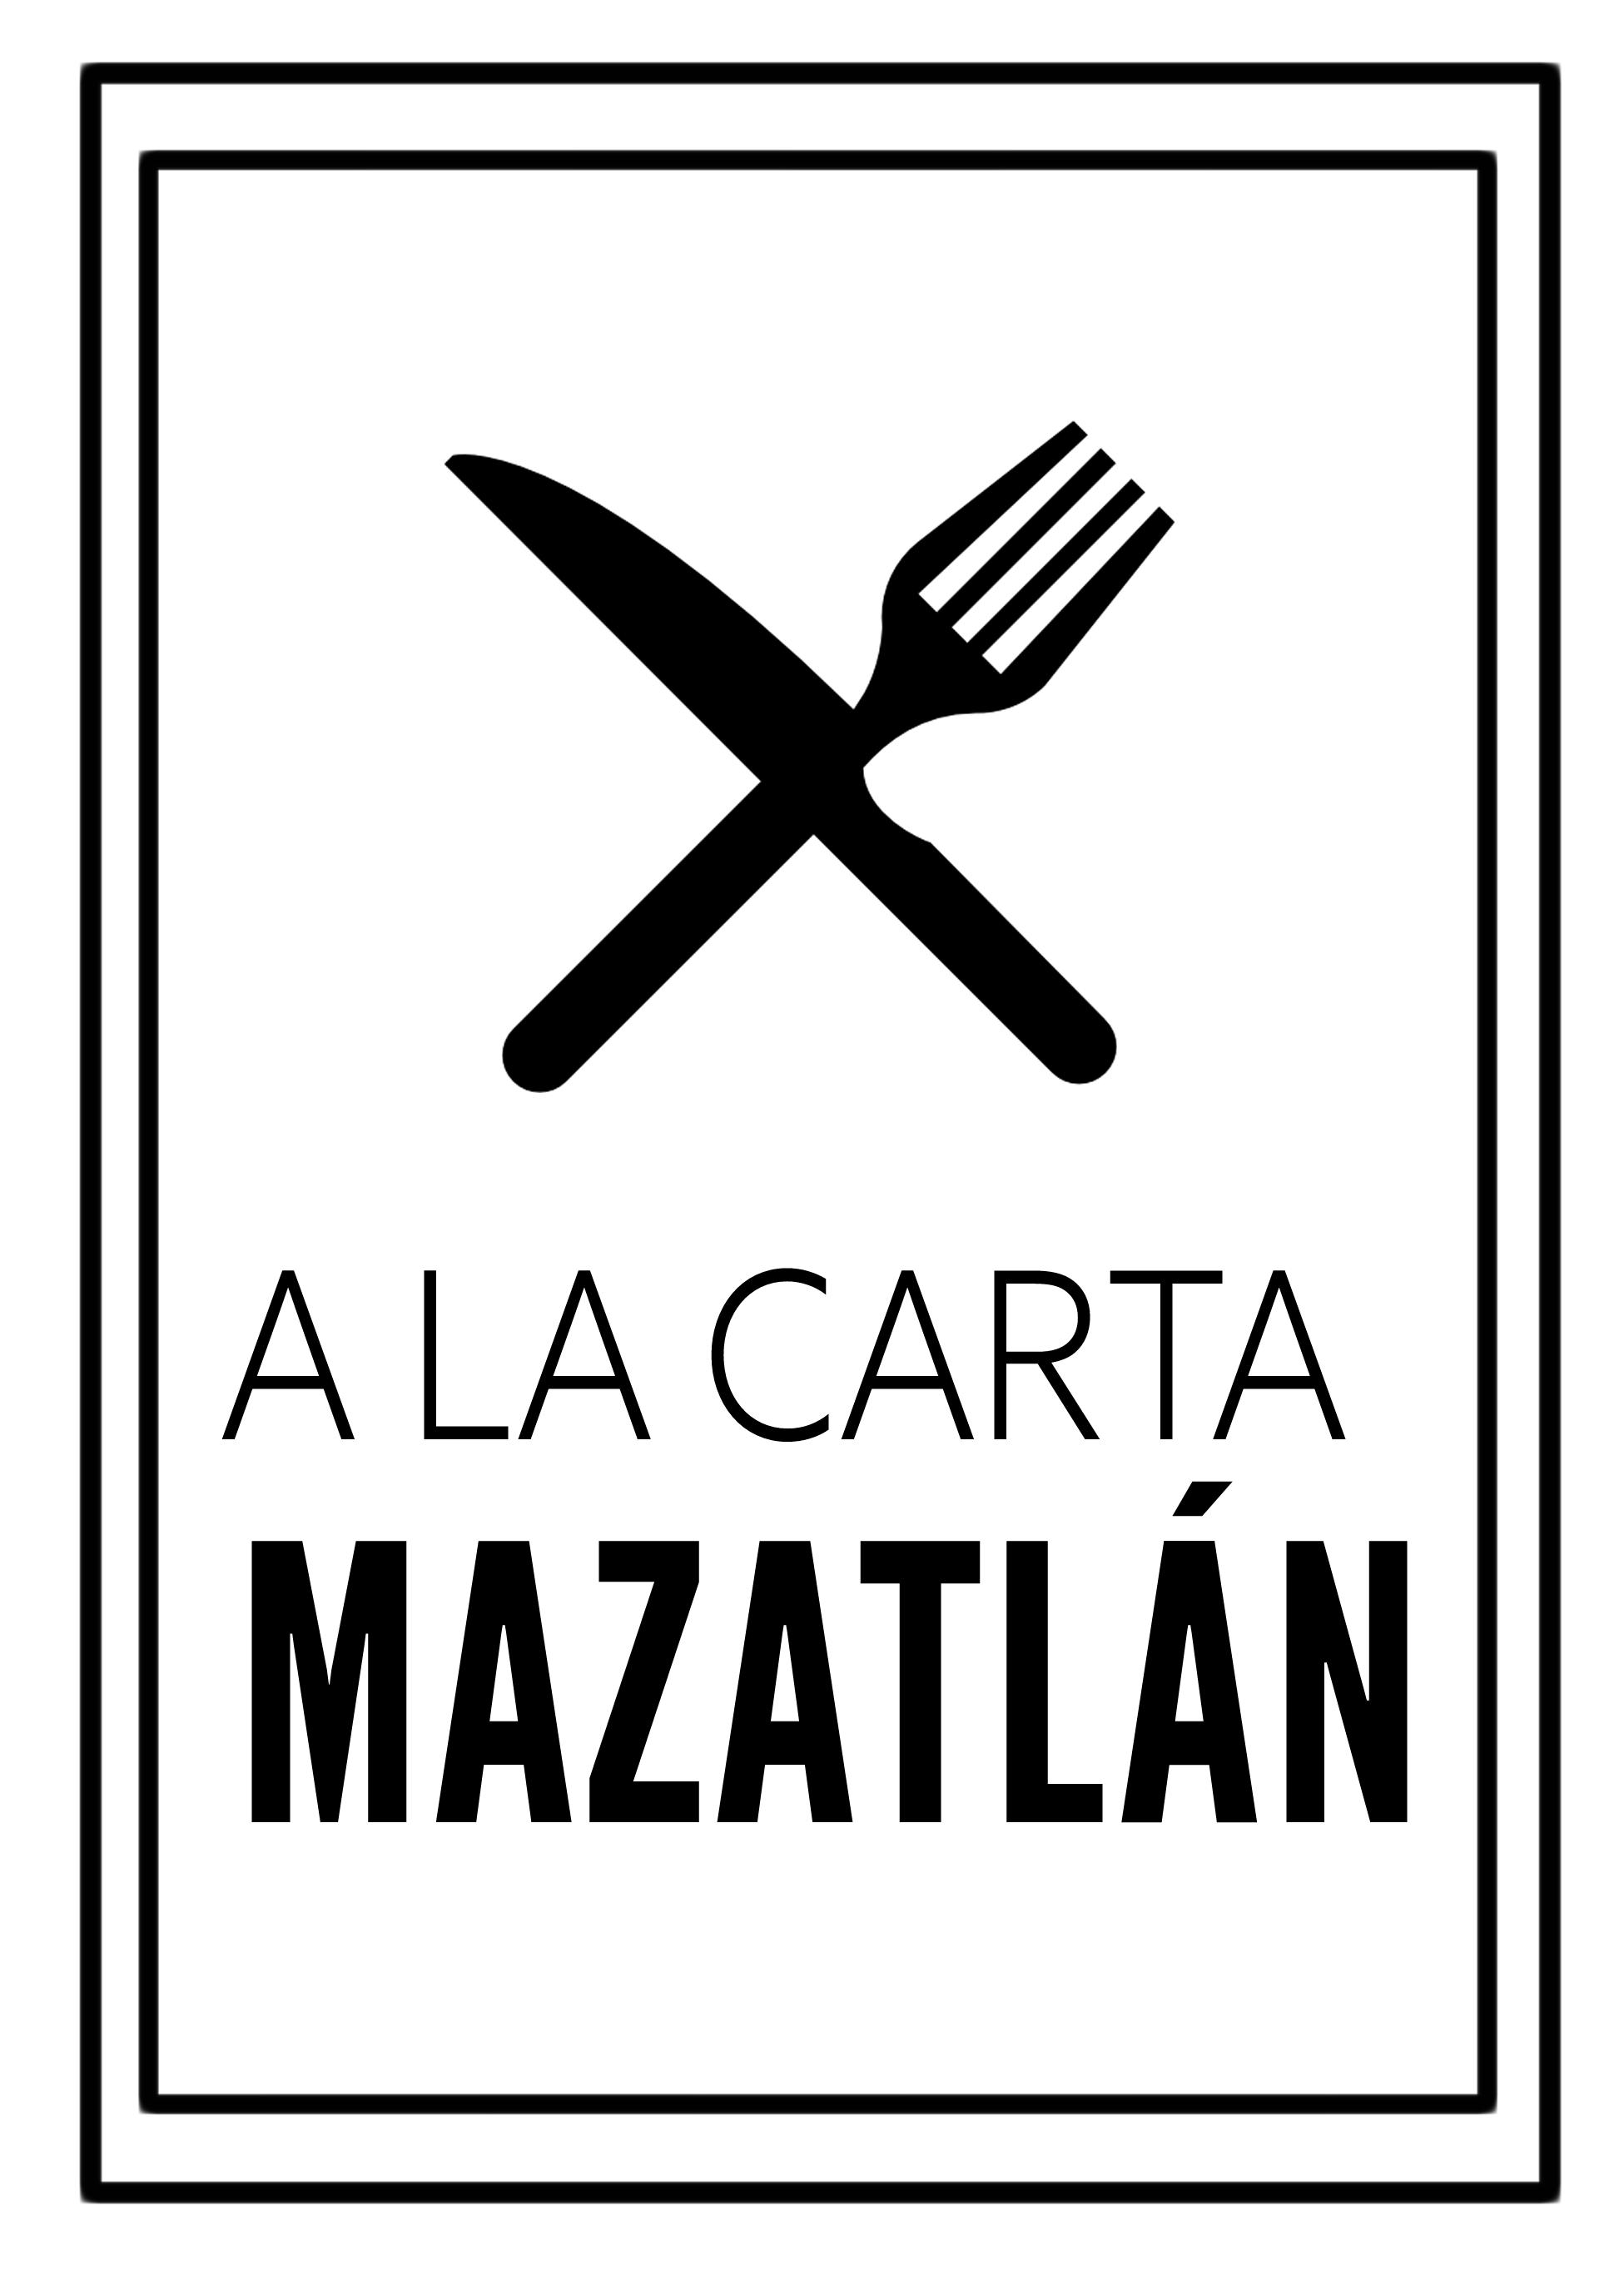 A la carta Mazatlán